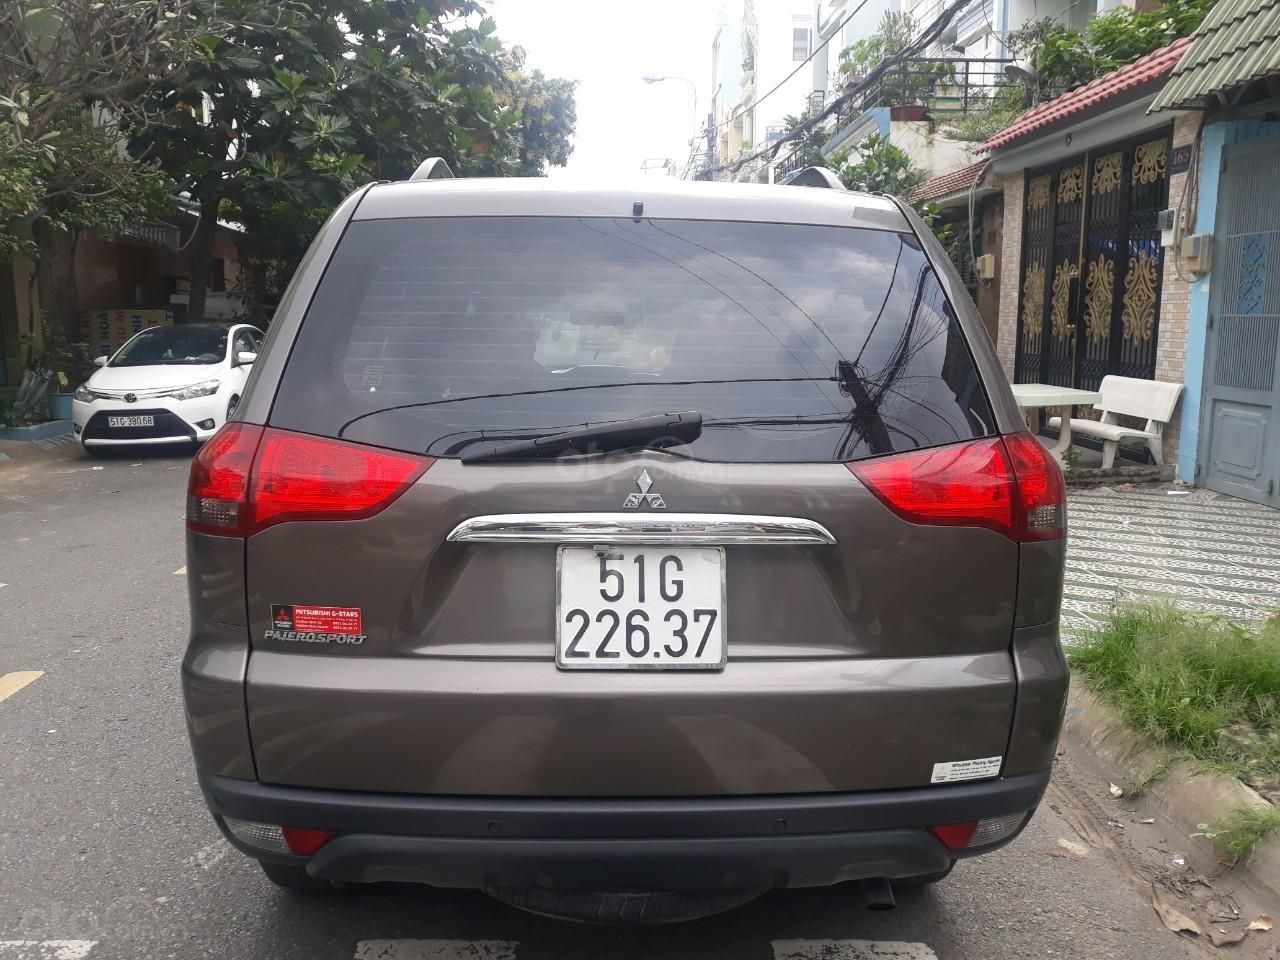 Bán Mitsubishi Pajero Sport 2.5MT màu nâu, máy dầu, sản xuất 2016 biển Sài Gòn (9)